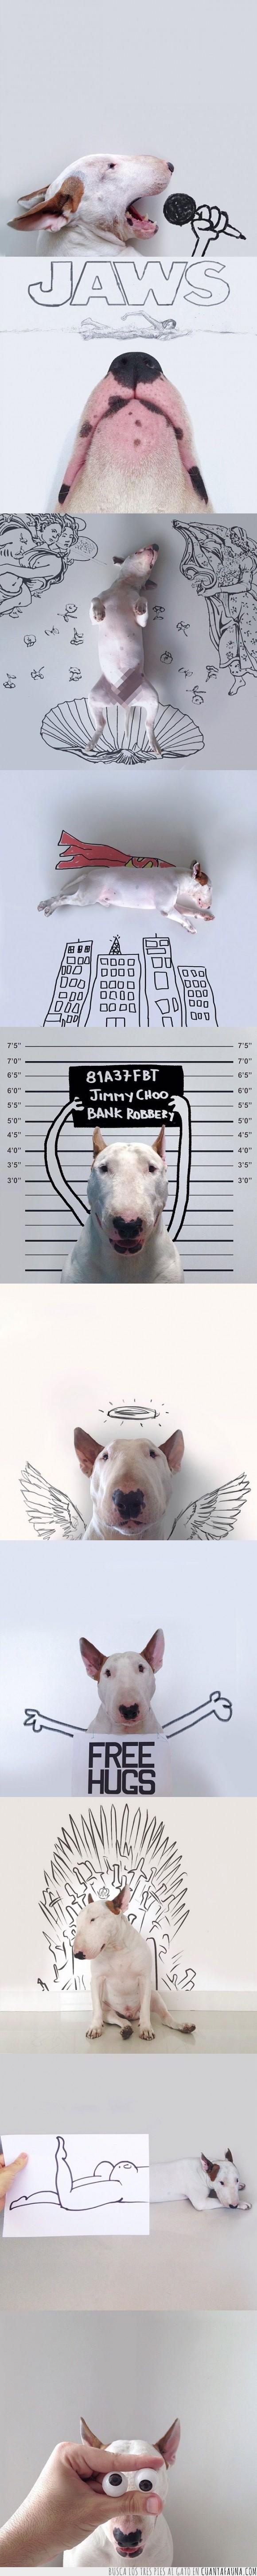 arte,bull terrier,bullterrier,ilustraciones,mix,perro